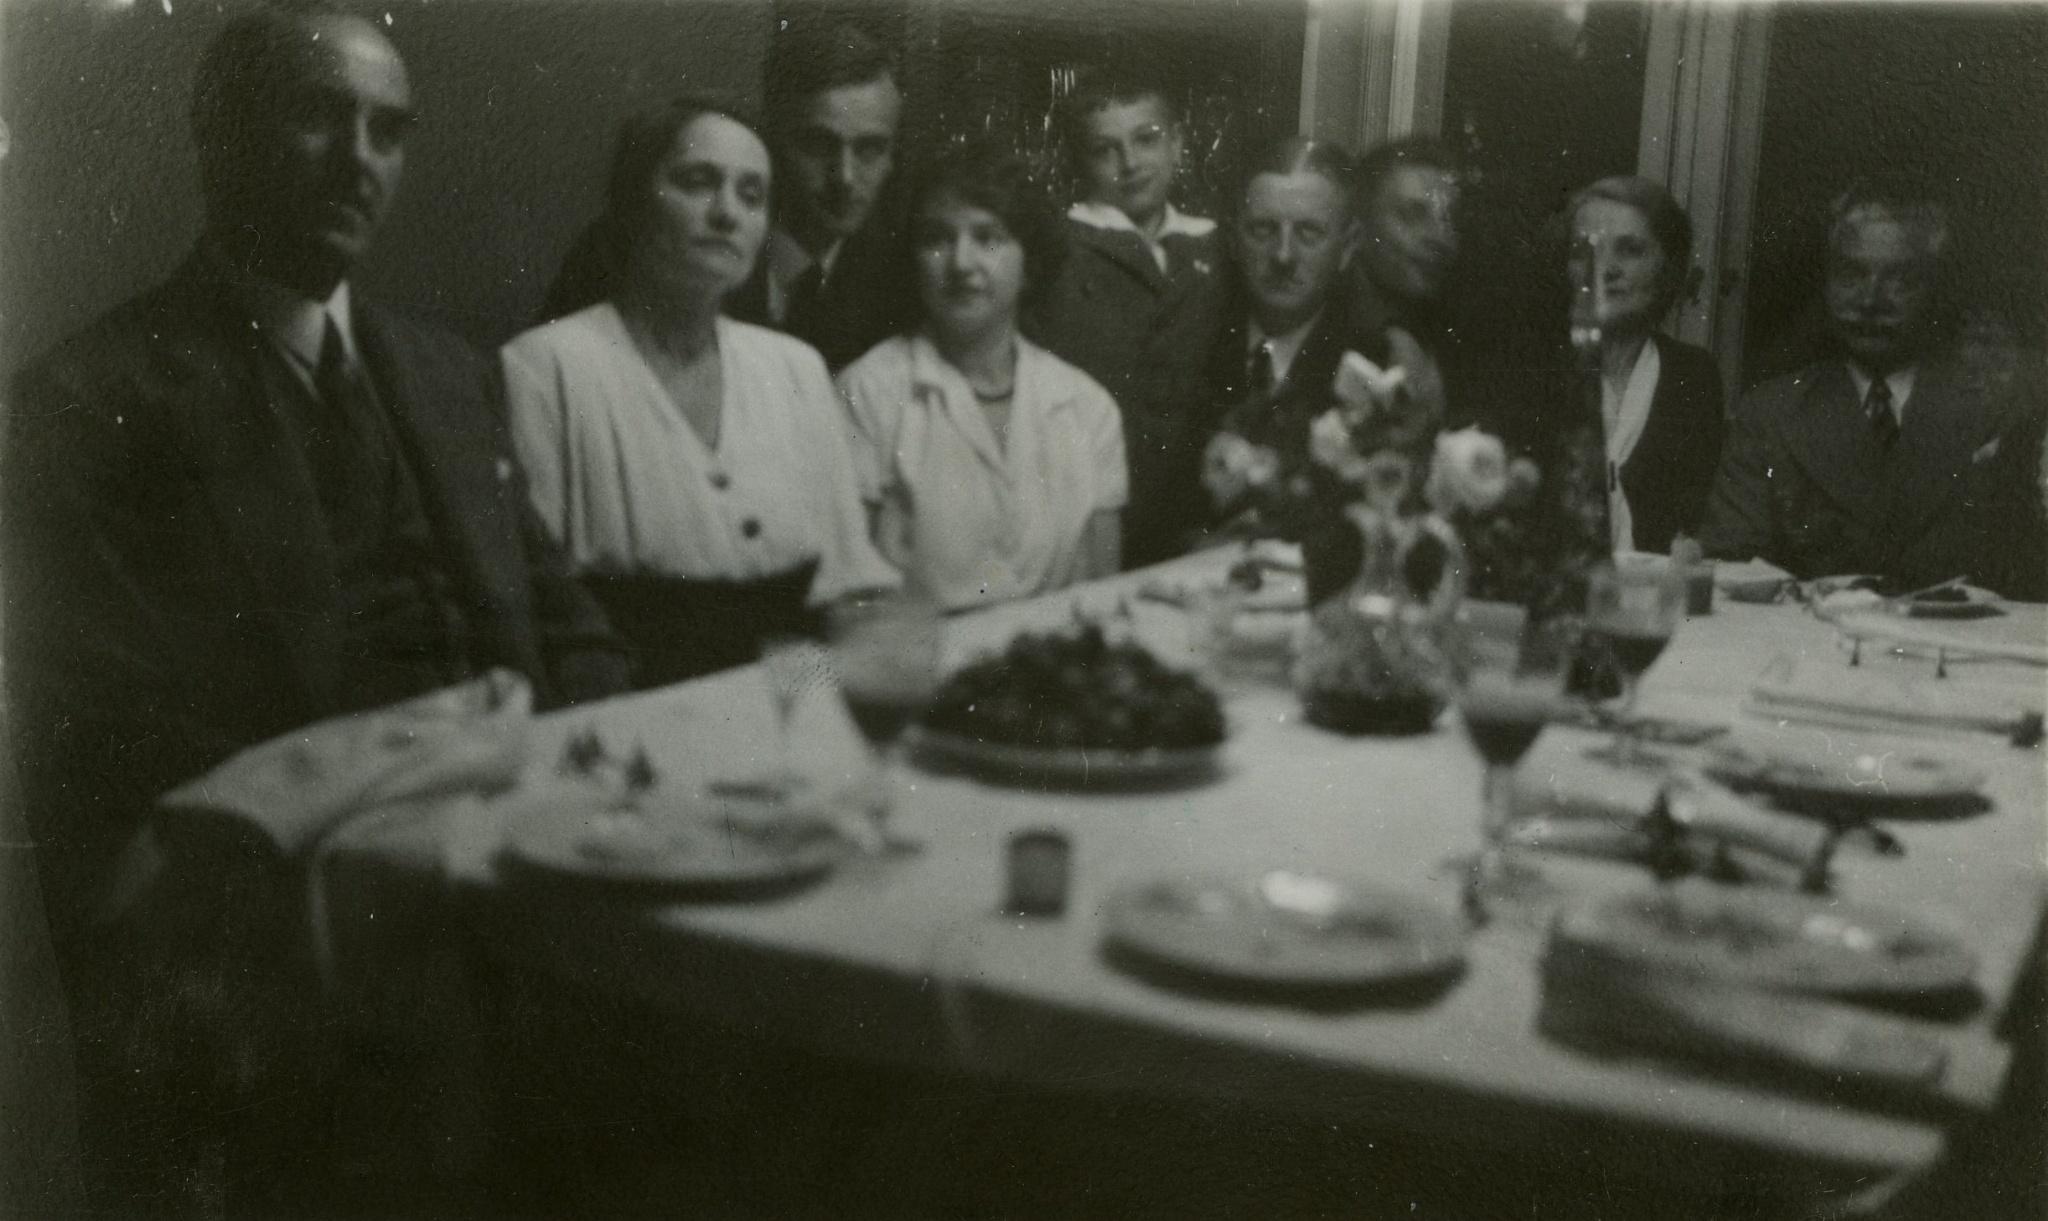 <div class='inner-box'><div class='close-desc'></div><span class='opis'>Rodzina Giedroyciów w 1933 r. Widoczni: wuj Varin, Franciszka Giedroyć, Zygmunt Giedroyć, Janina Starzycka, Henryk Giedroyc, Henryk Gisges-Gawroński, NN, NN, Ignacy Giedroyć.</span><div class='clearfix'></div><span>Cote du document FIL04929</span><div class='clearfix'></div><span>© Instytut Literacki</span></div>